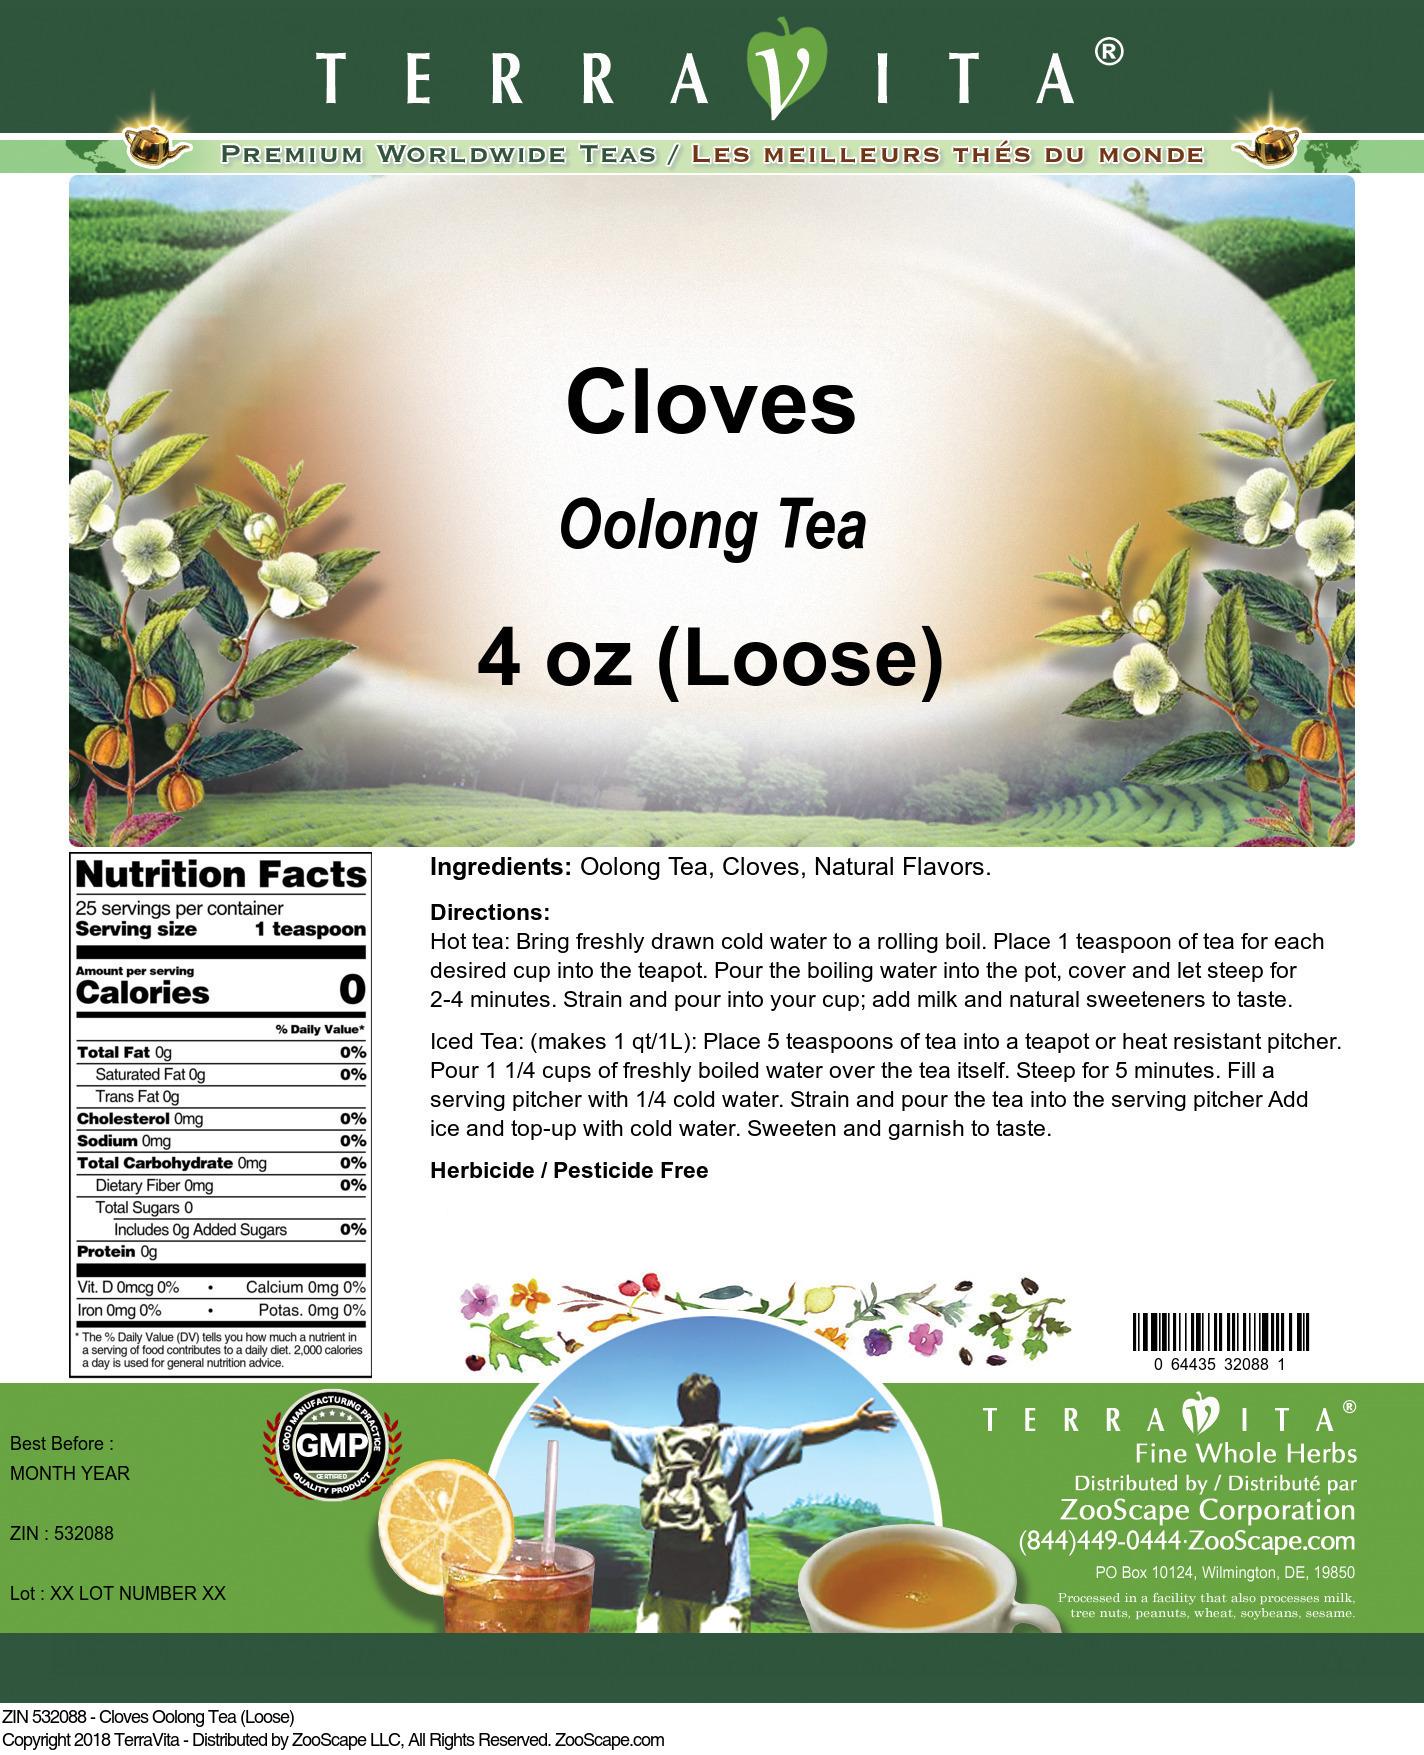 Cloves Oolong Tea (Loose)